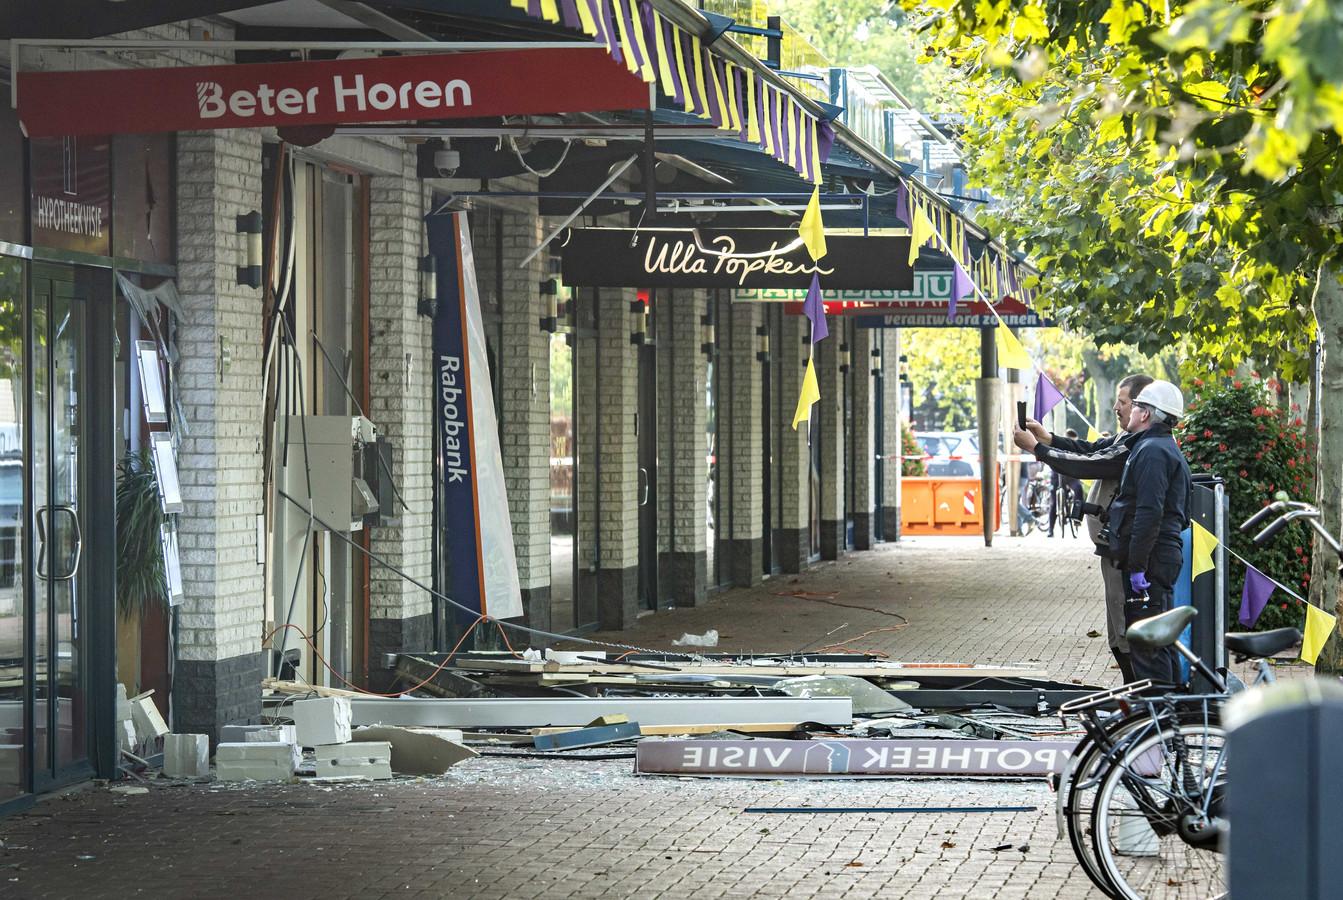 2019-09-20 09:02:03 UTRECHT - Door een plofkraak bij een betaalautomaat, van de Rabobank aan de Seinedreef bij winkelcentrum Overvecht, is er een hoop schade ontstaan. ANP KOEN LAUREIJ